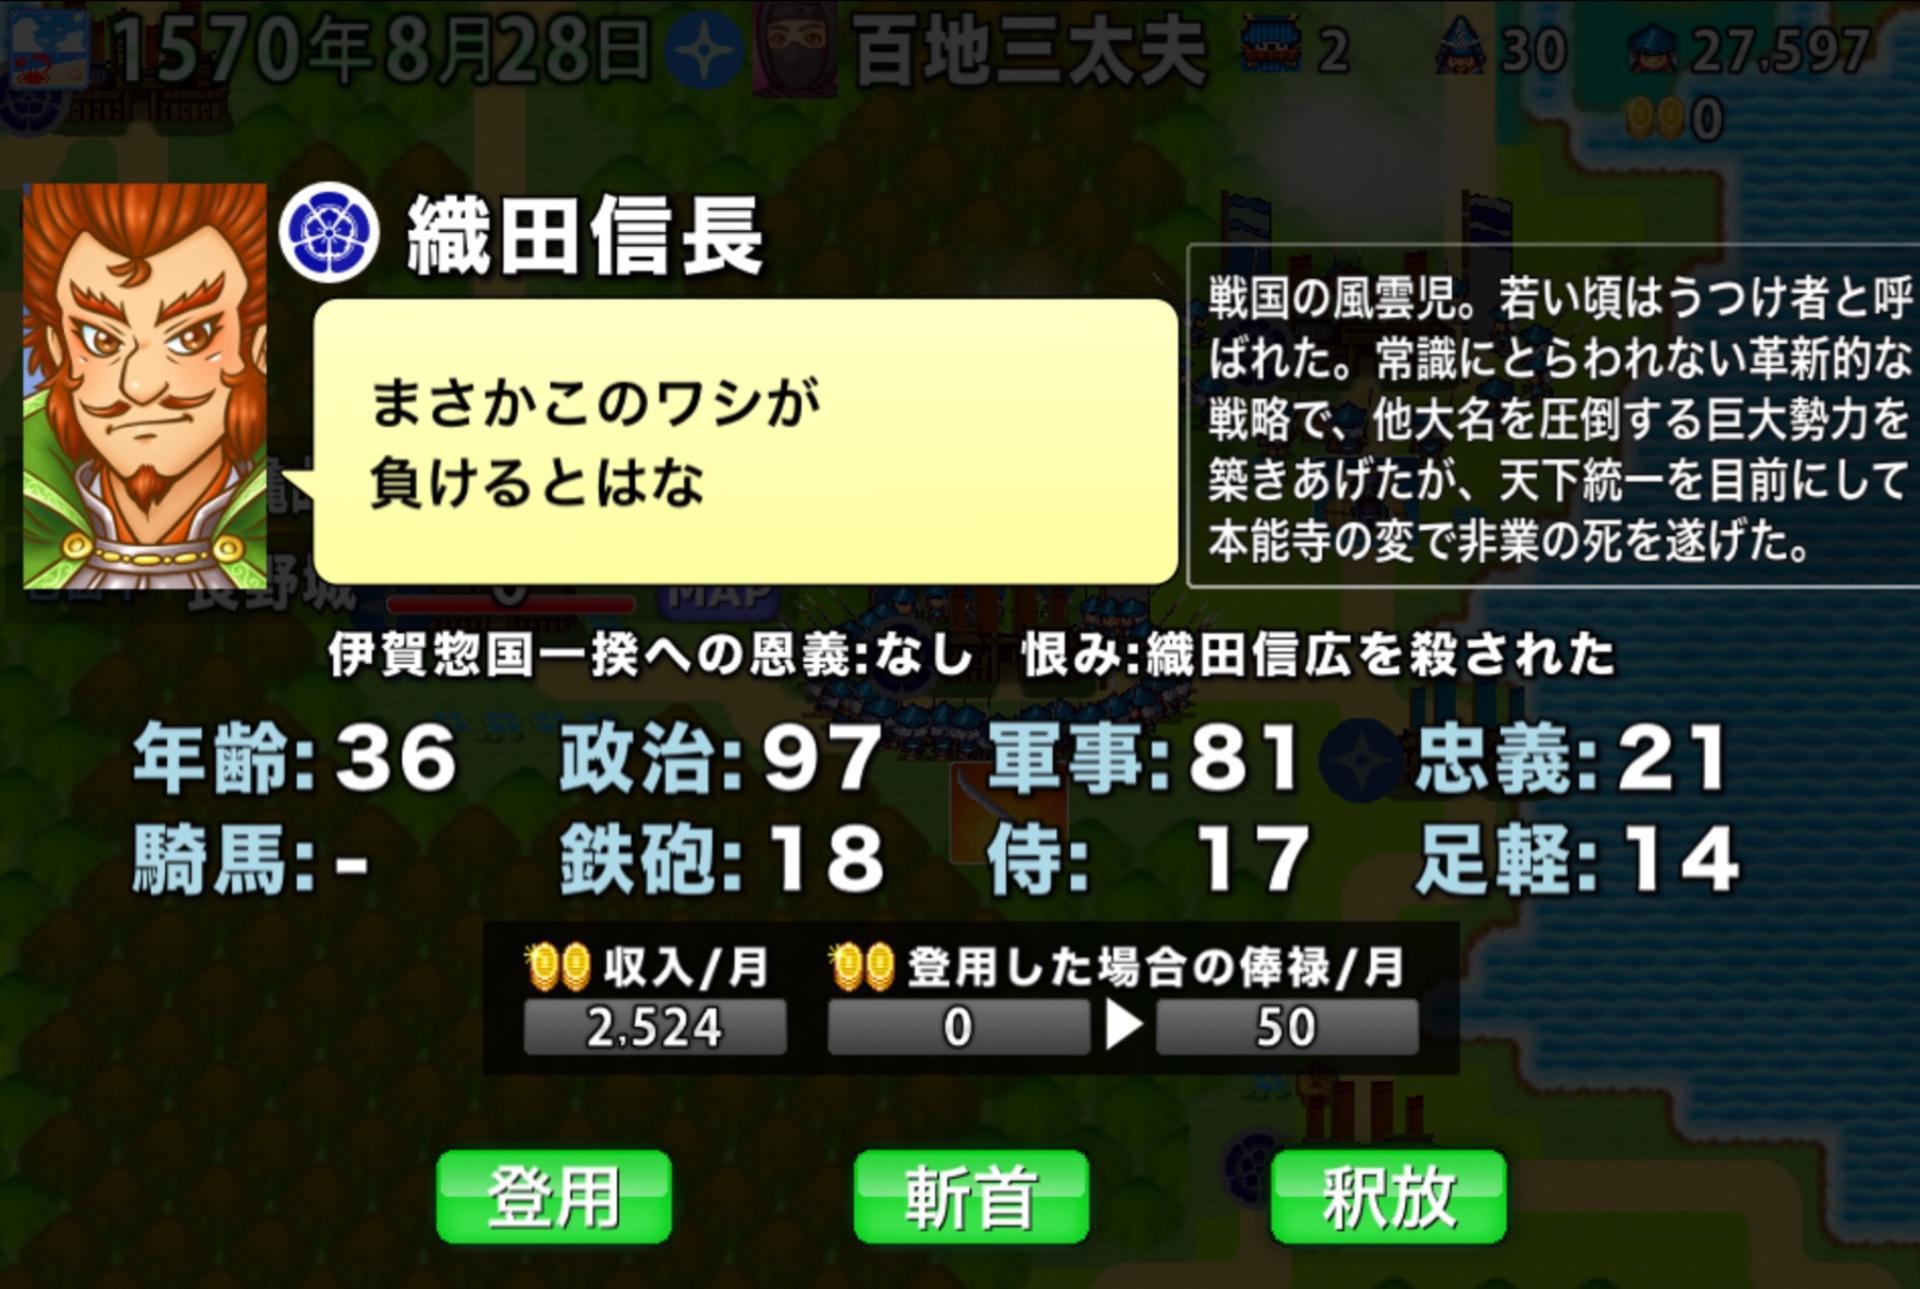 1570 伊賀惣国一揆 - ポケット戦...